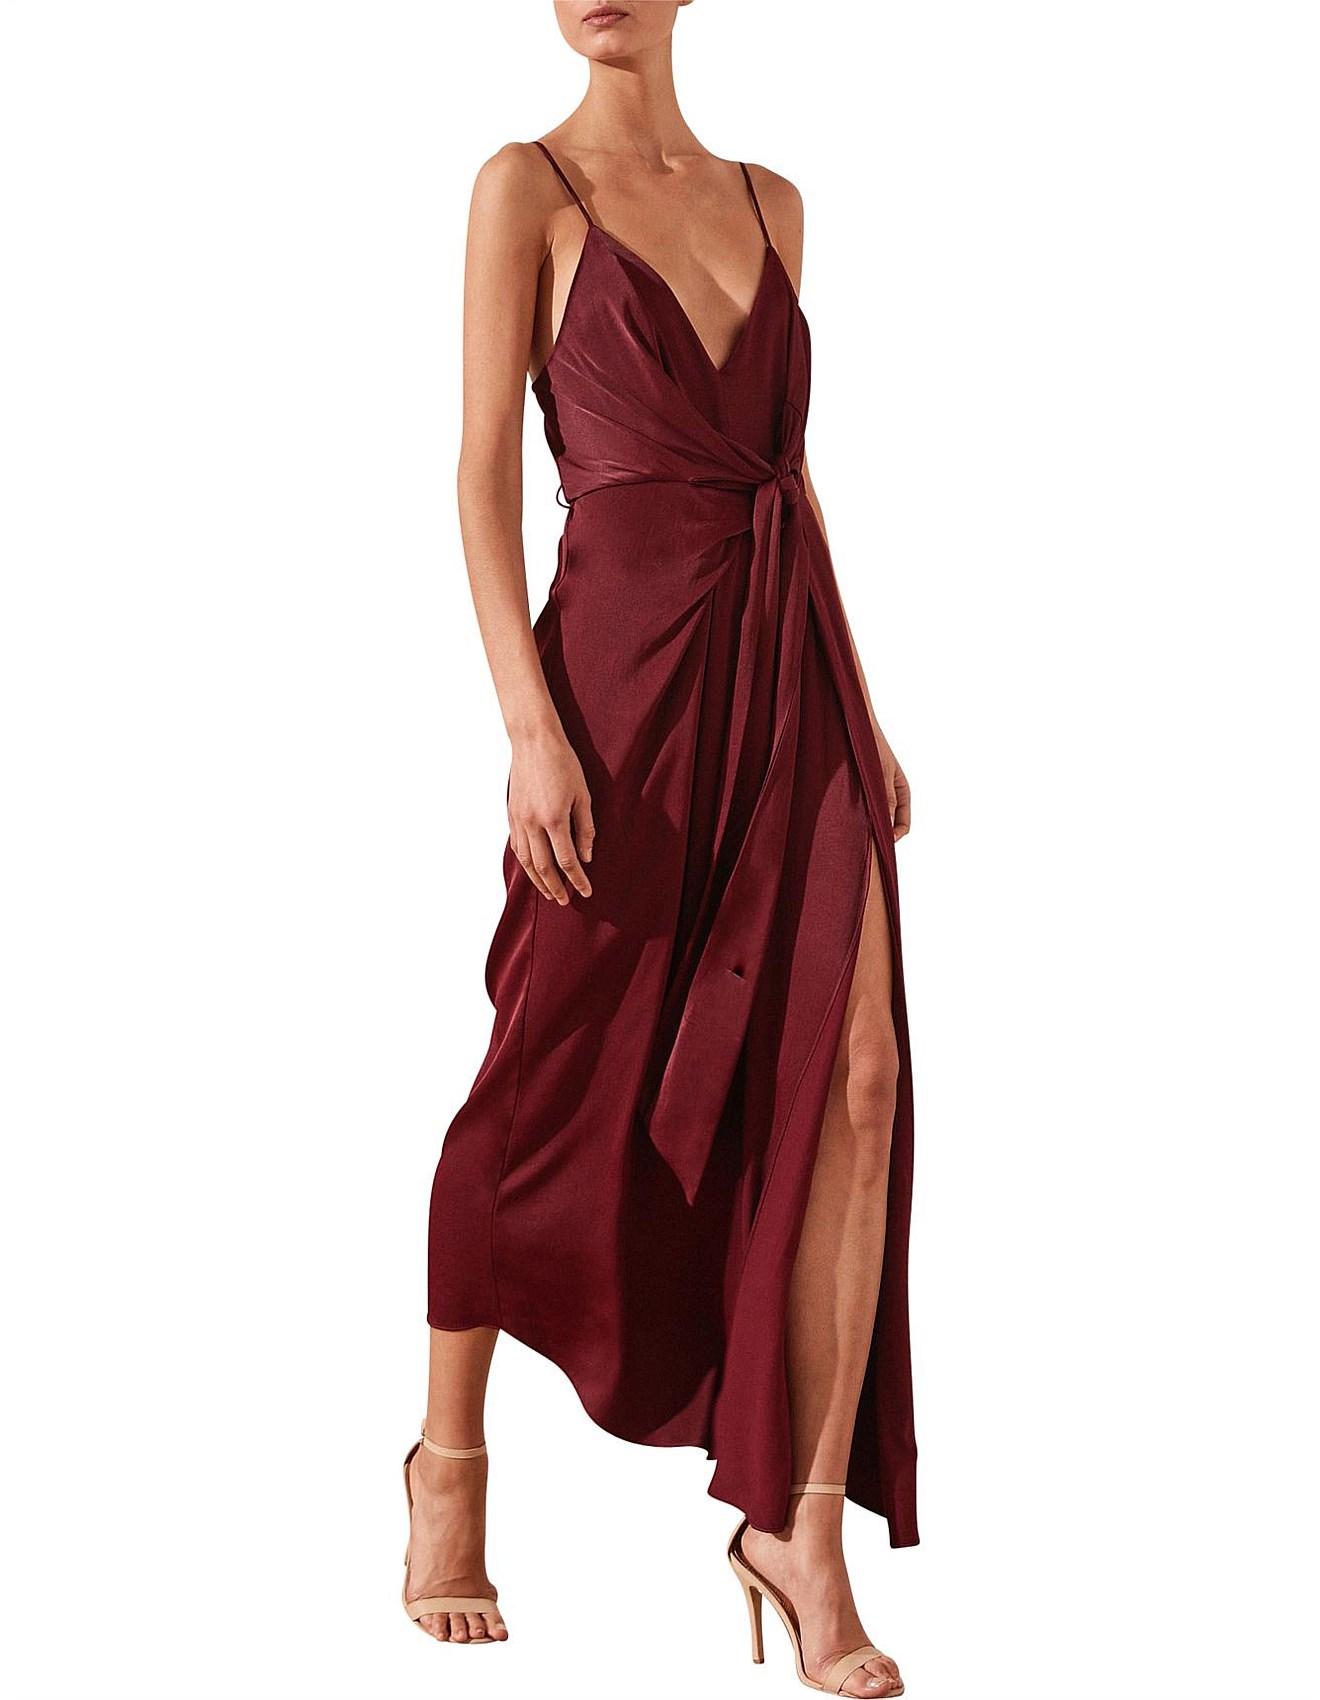 810be20ff53b Shona Joy | Buy Shona Joy Dresses & Clothing | David Jones - Gisele Tie  Draped Midi Dress